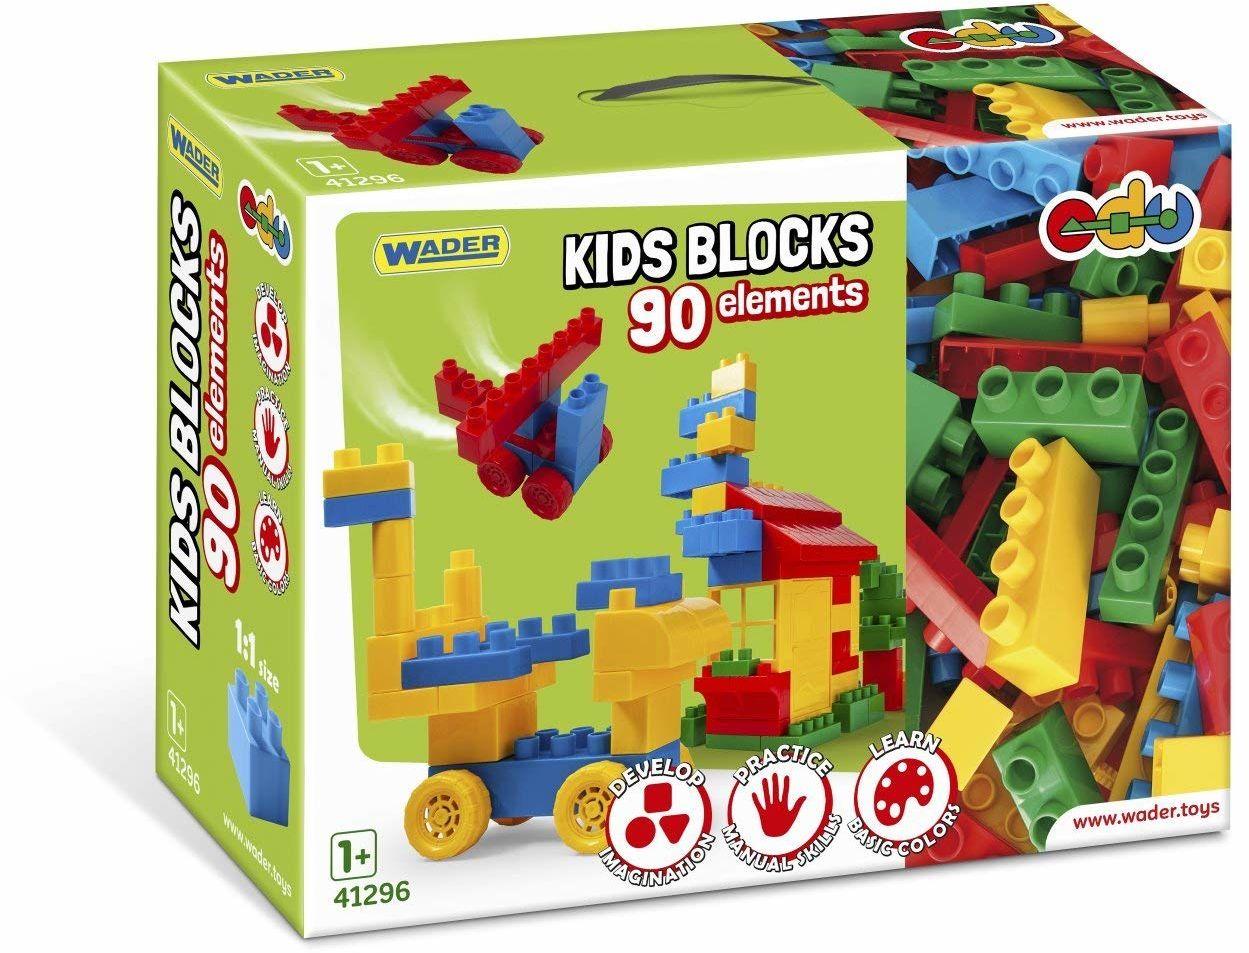 Wader 41296 41296-Kids Blocks, 90 części, w różnych kształtach i kolorach, w zestawie praktyczne pudełko z uchwytem, ok. 39,5 x 14,5 x 29,5 cm, od 12 miesięcy, idealne na prezent